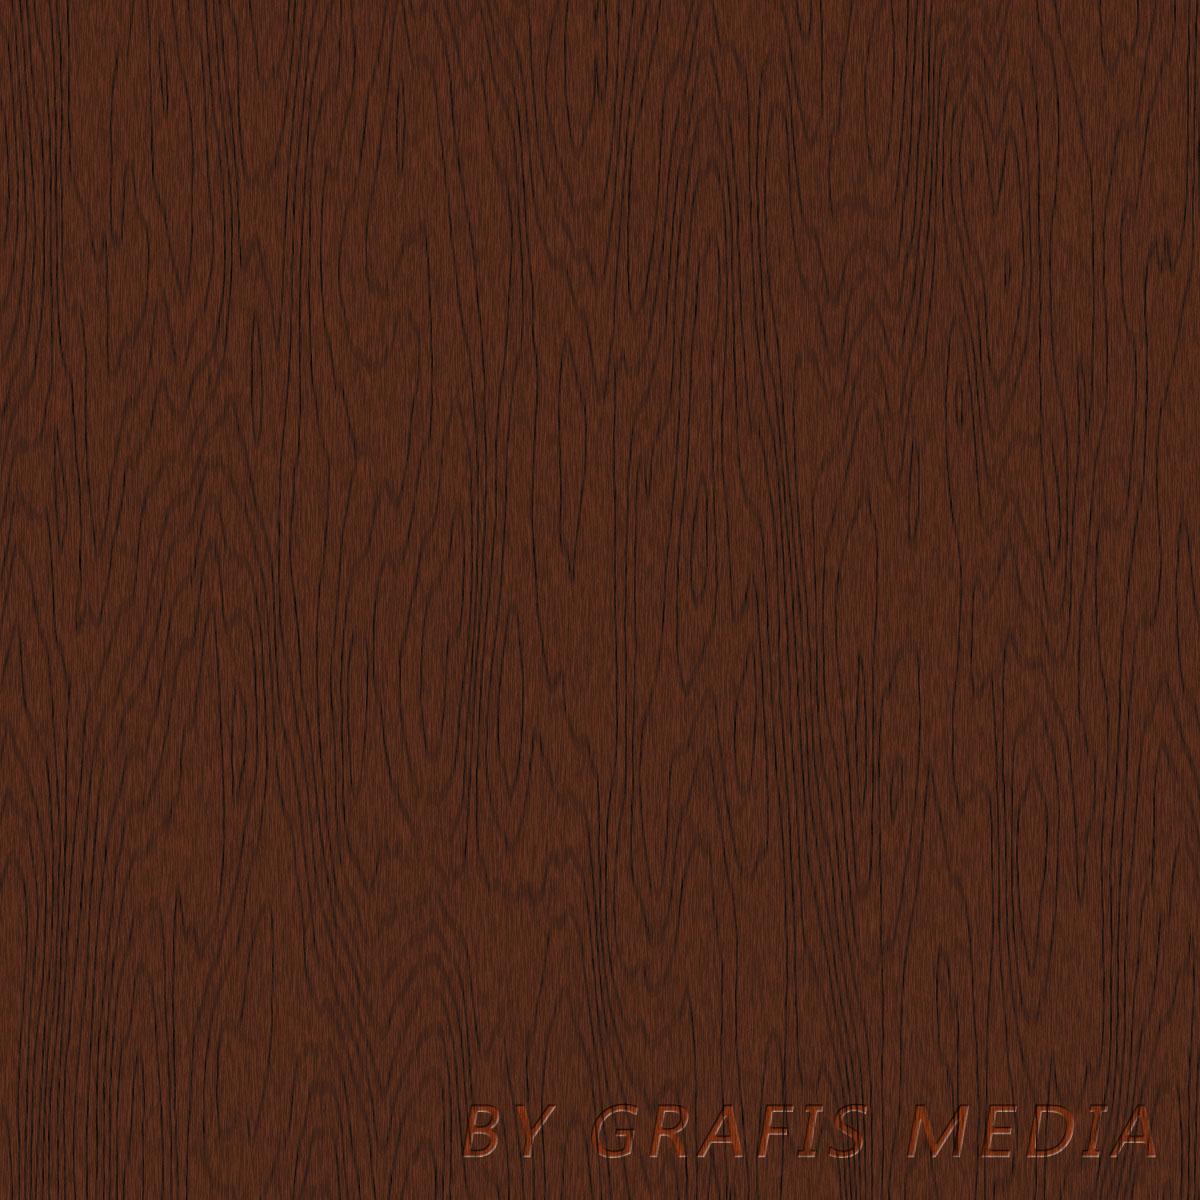 Download 420 Koleksi Background Kayu Paling Keren